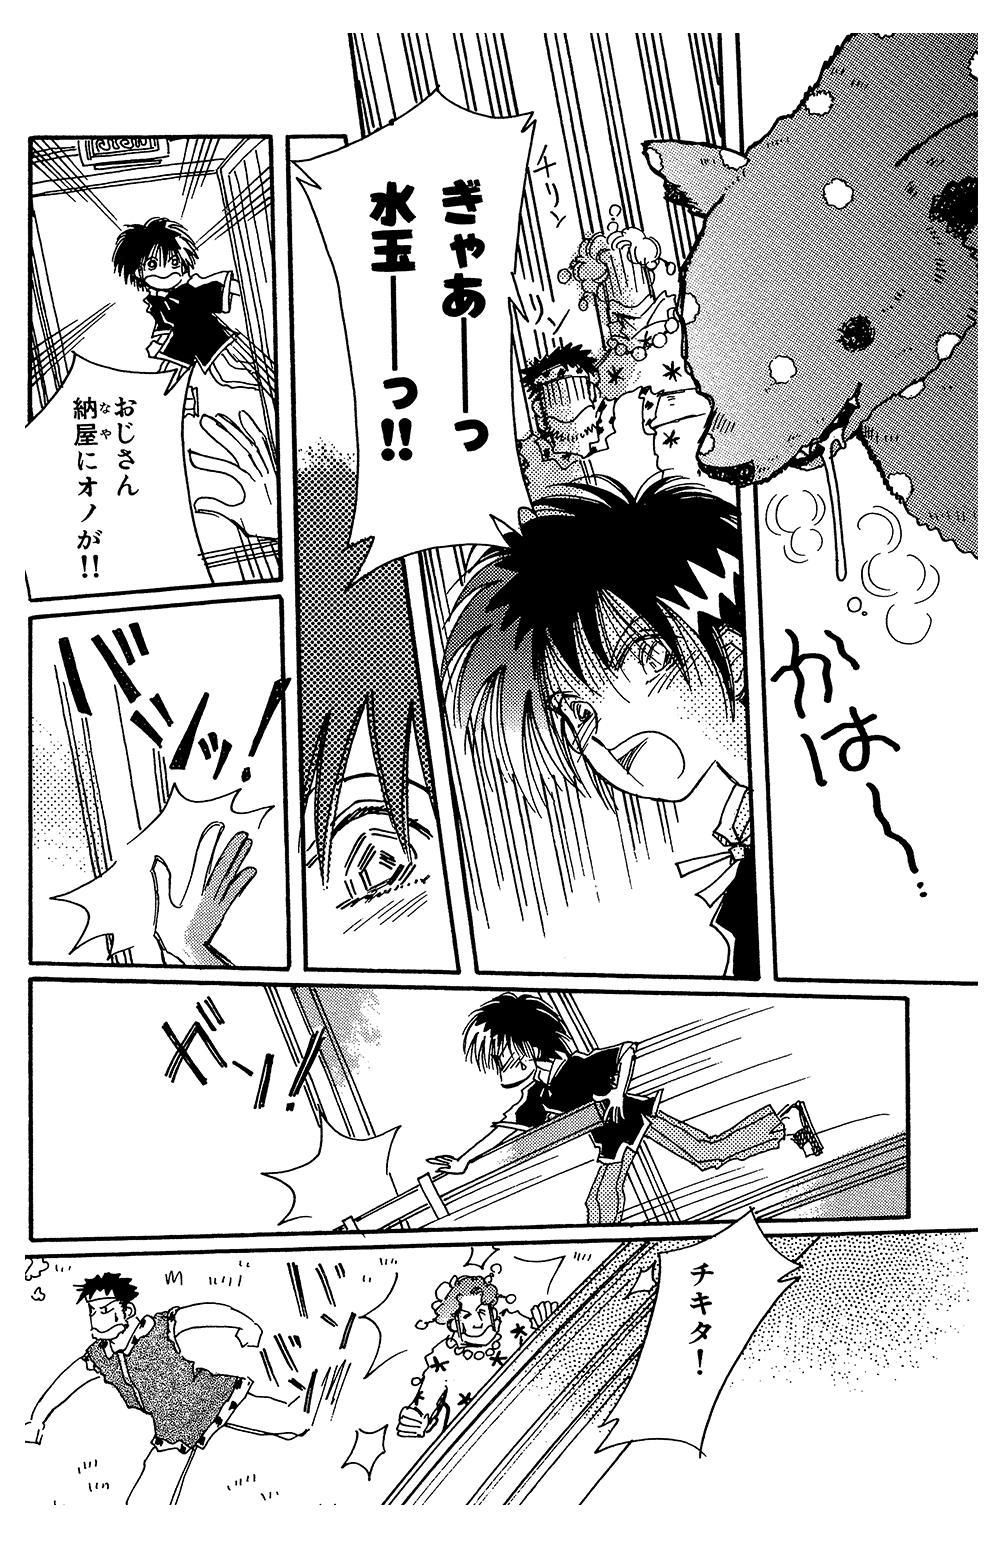 チキタ★GUGU 第3話chikitagg05-13.jpg